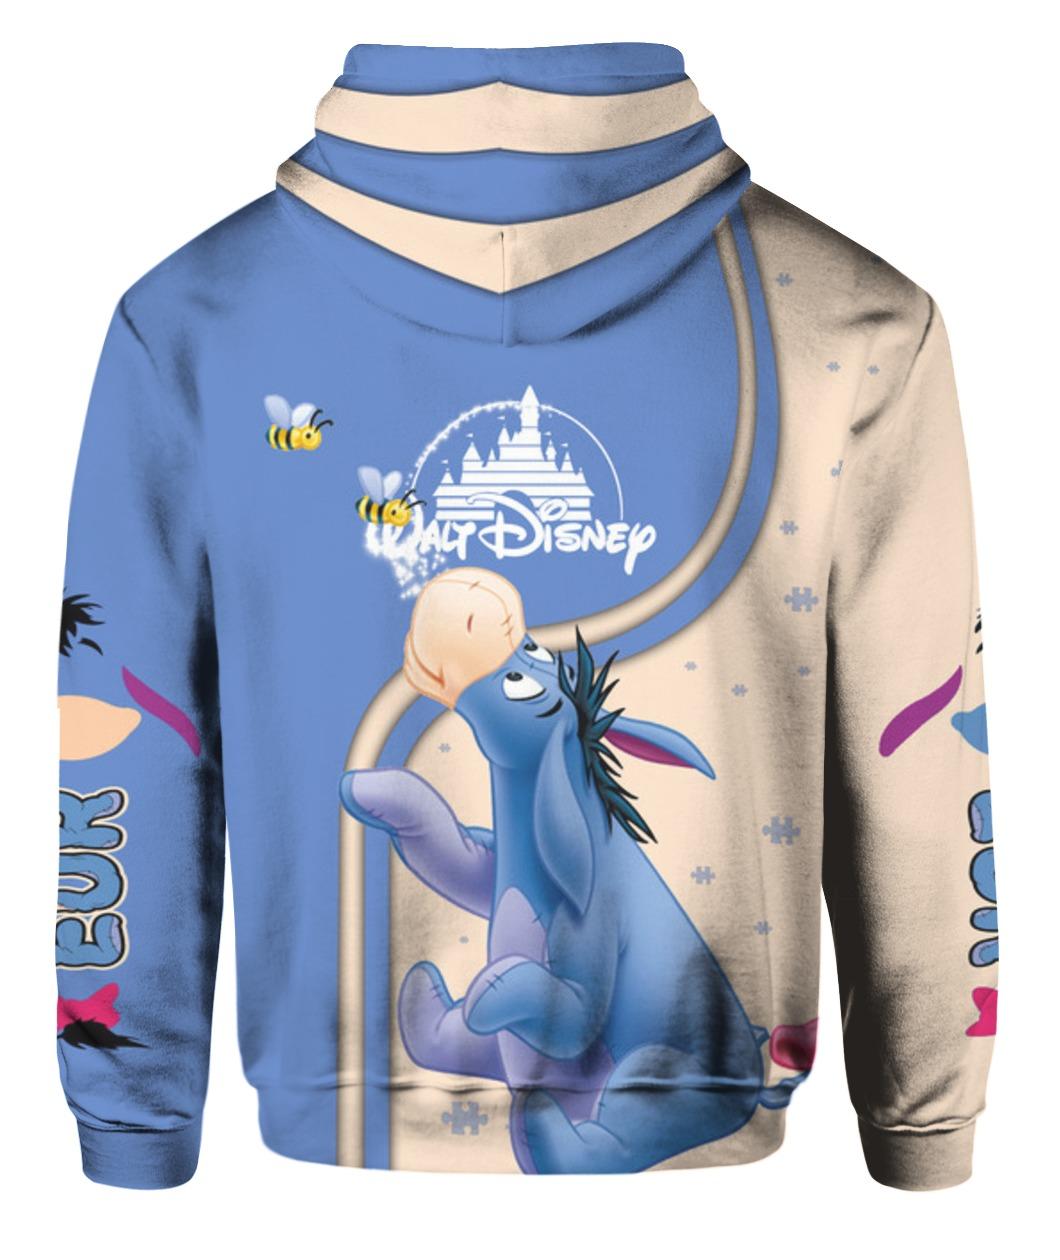 Winnie the pooh eeyore full printing hoodie - back